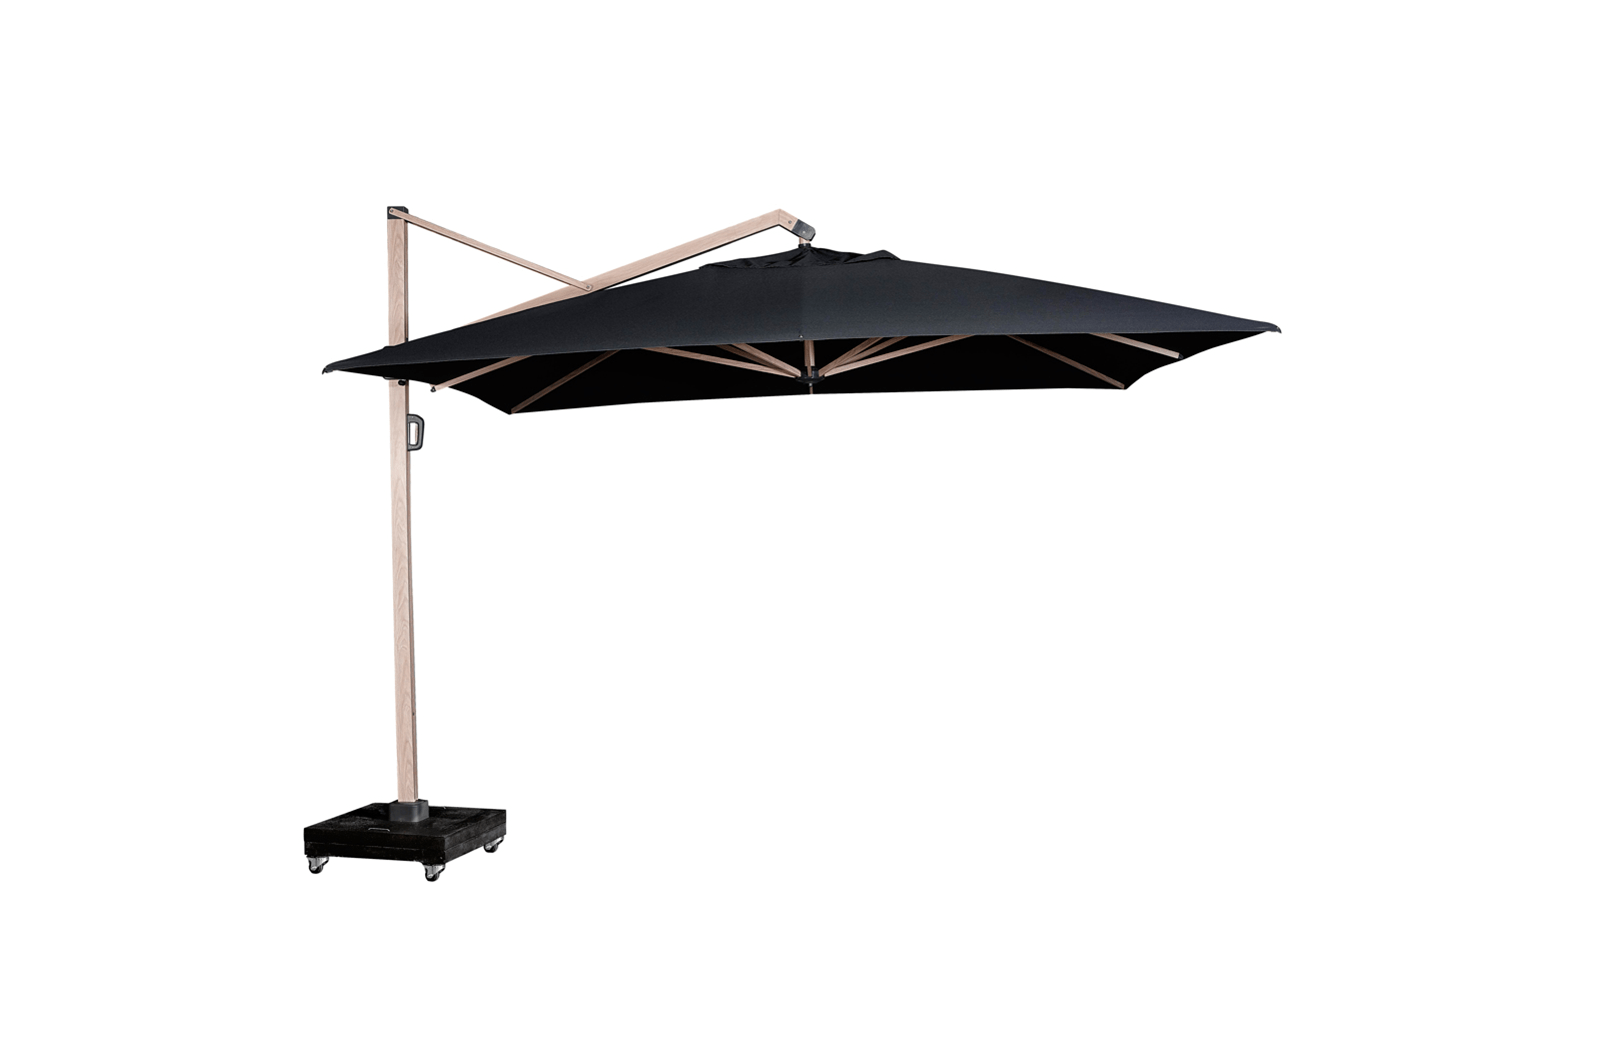 Duży parasol ogrodowy prostokątny Icon 4m x 3m